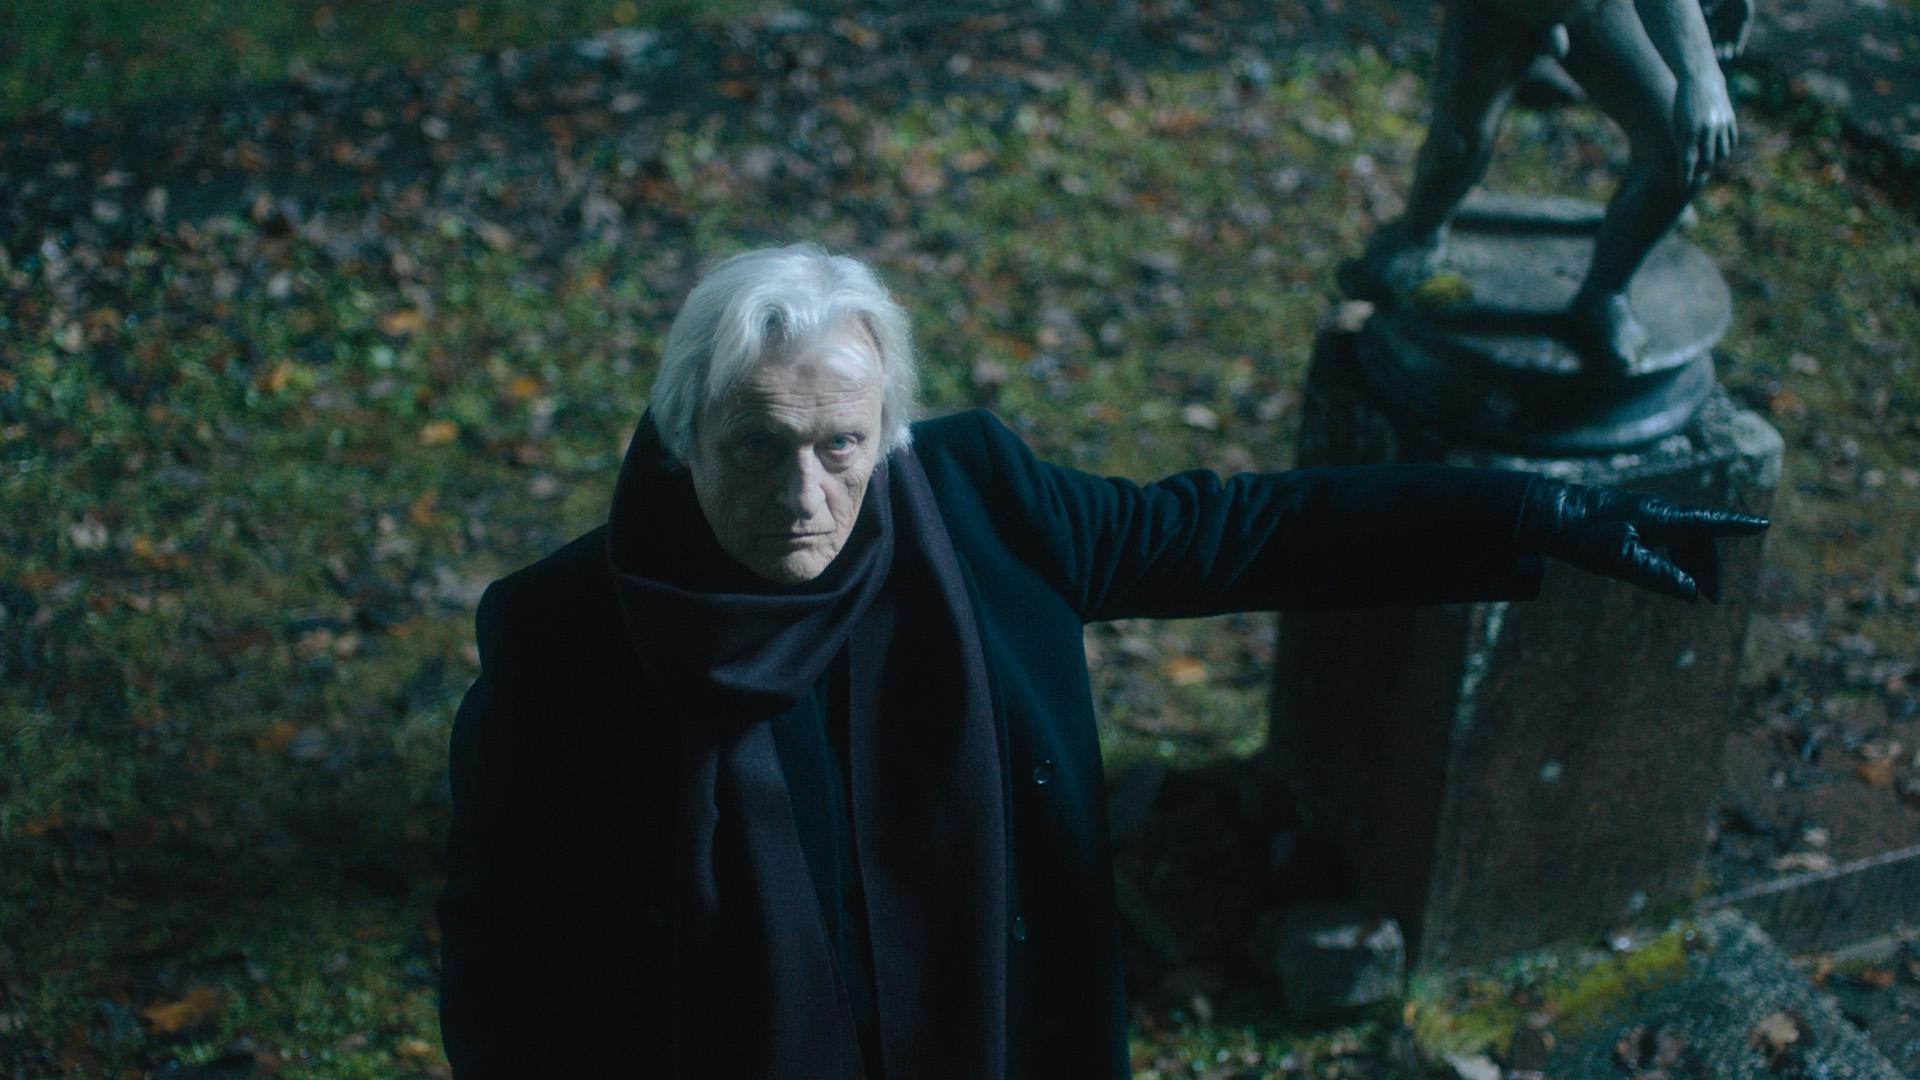 《咒冥曲》17世紀歐洲邪教傳說搬上大銀幕 魯格豪爾自焚殉道「以音樂召喚邪靈」